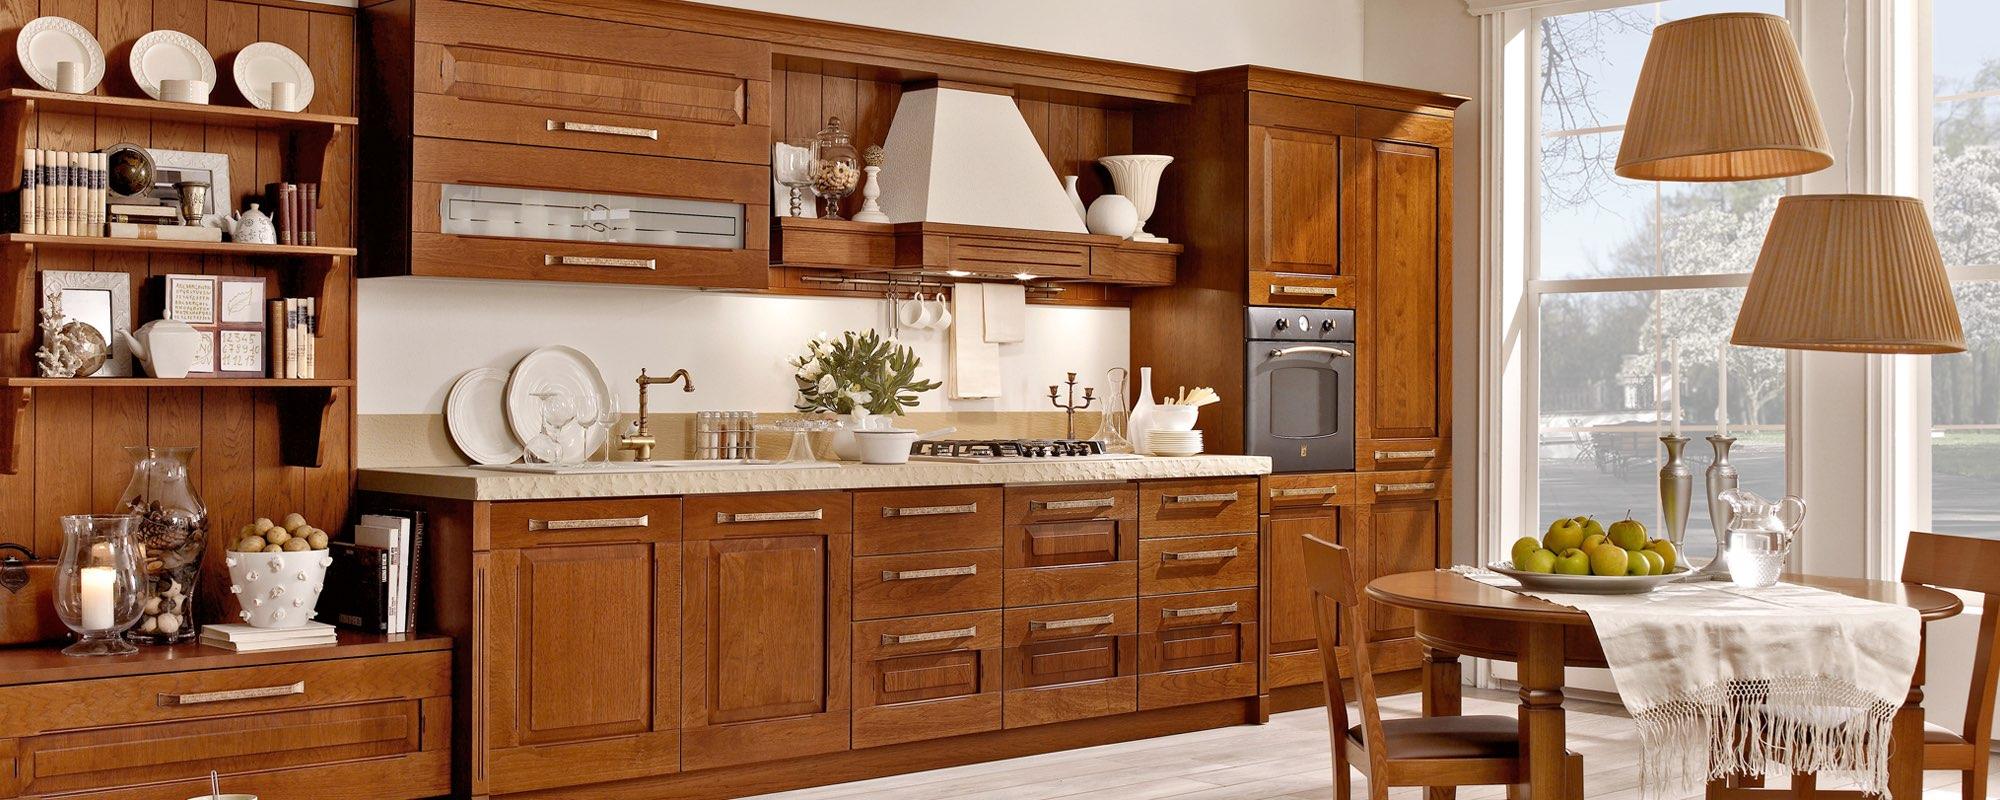 vista laterale di una cucina classica in legno con arredamento -Aida Stosa